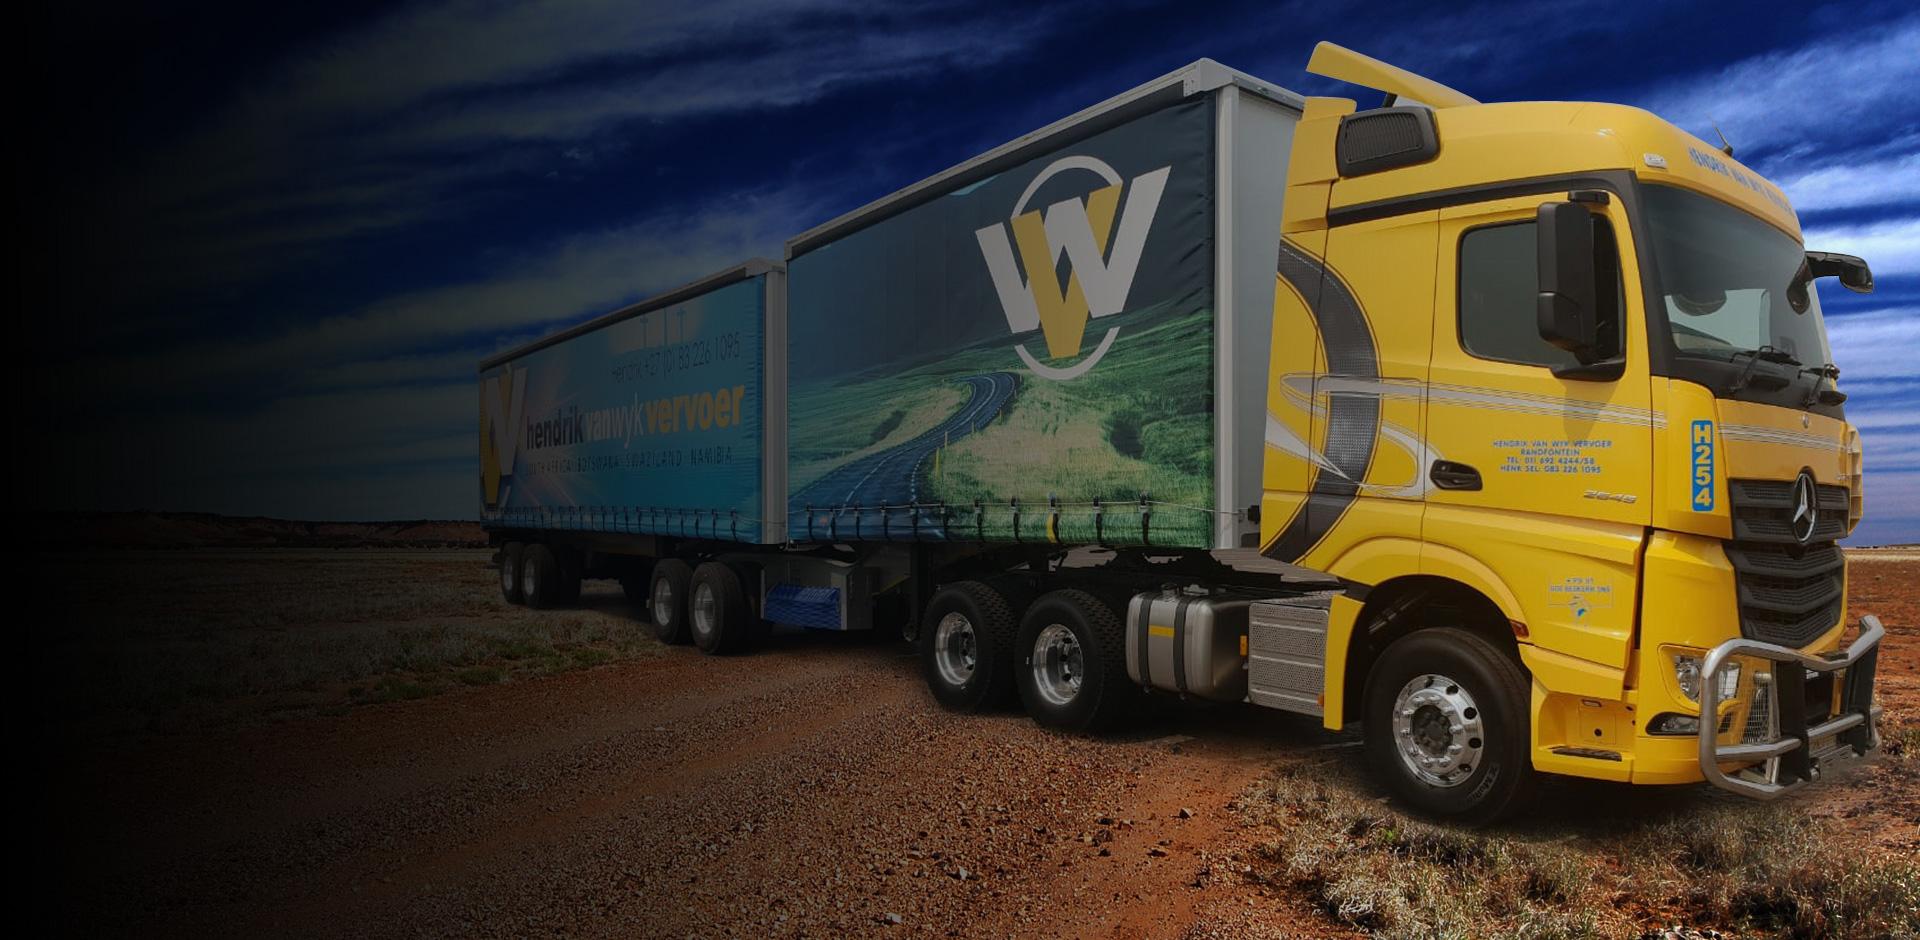 HvW Vervoer